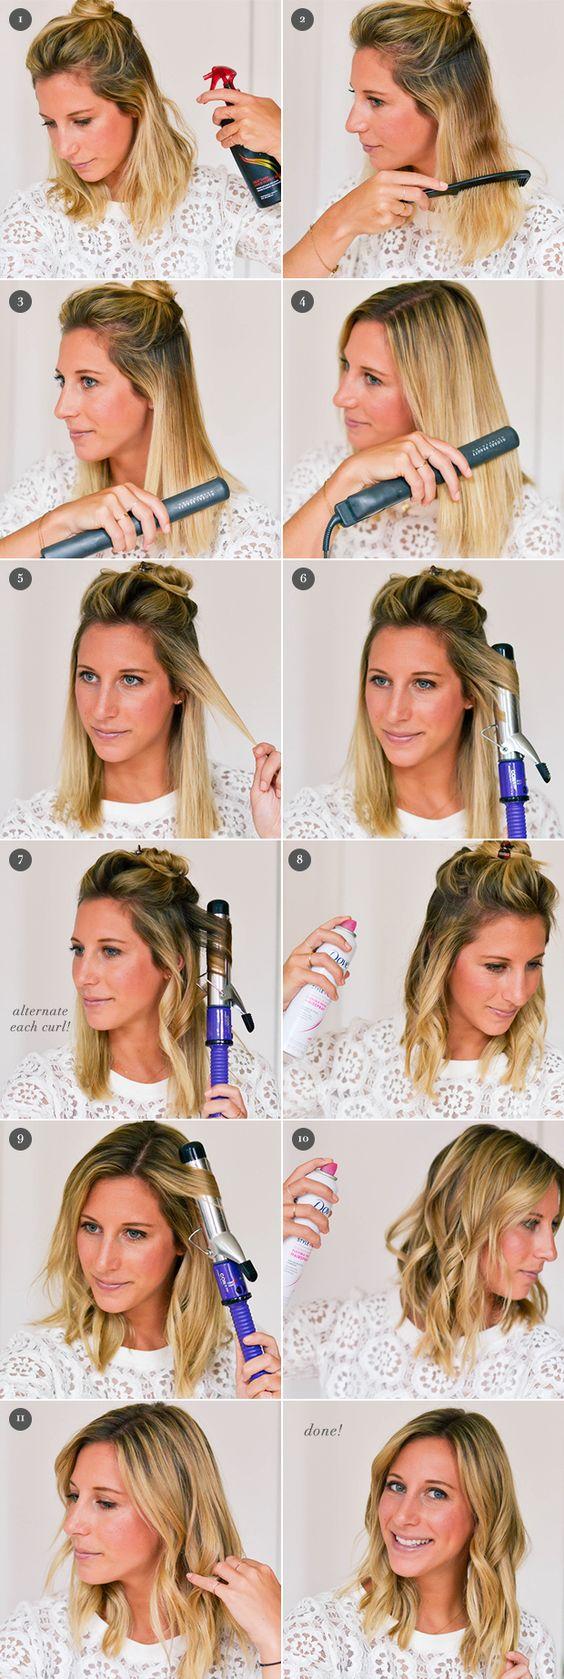 Причёски на выпускной 2019 пошагово (6)